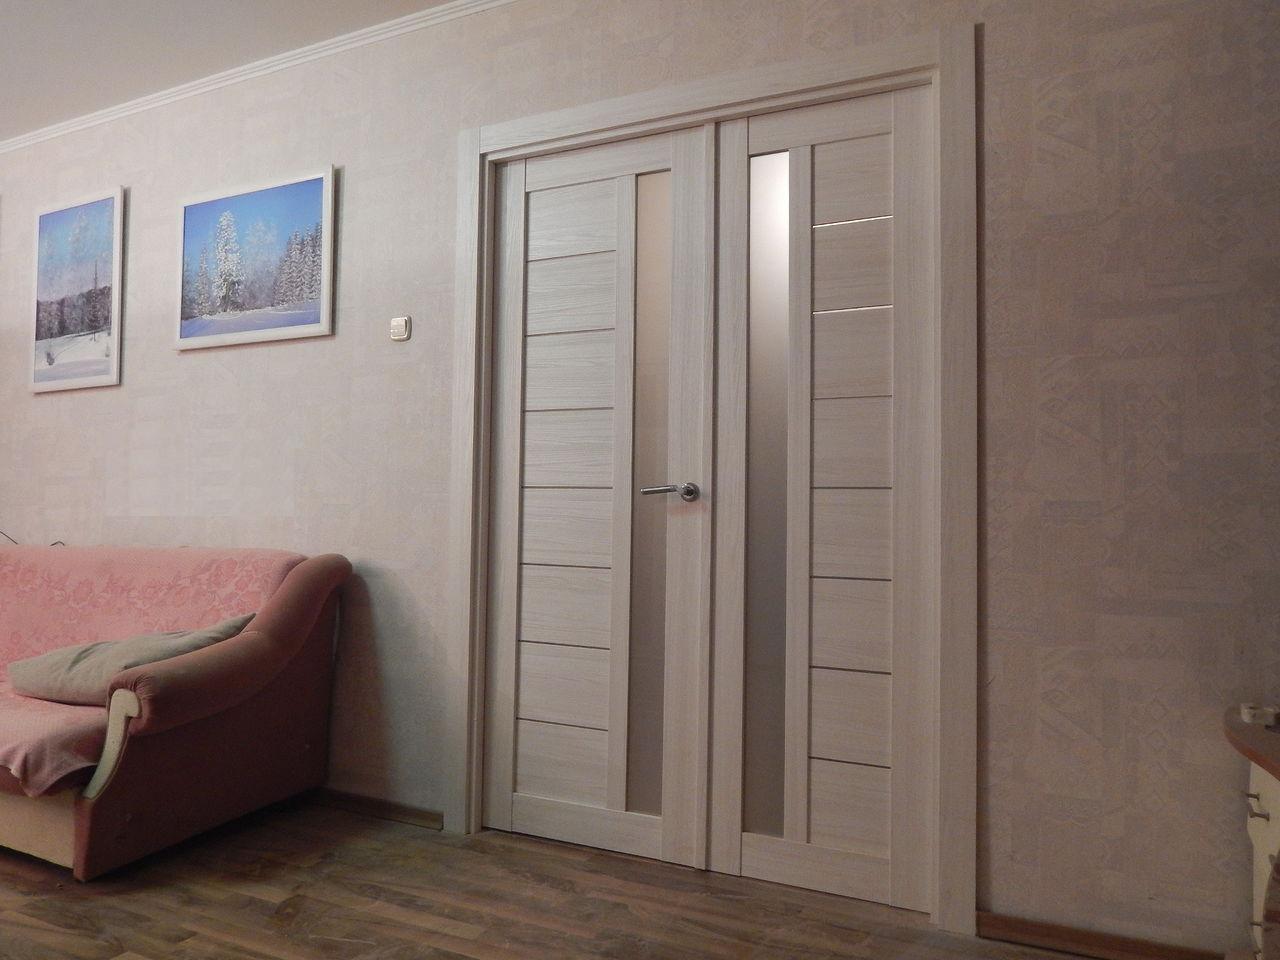 квартира с царговыми дверями